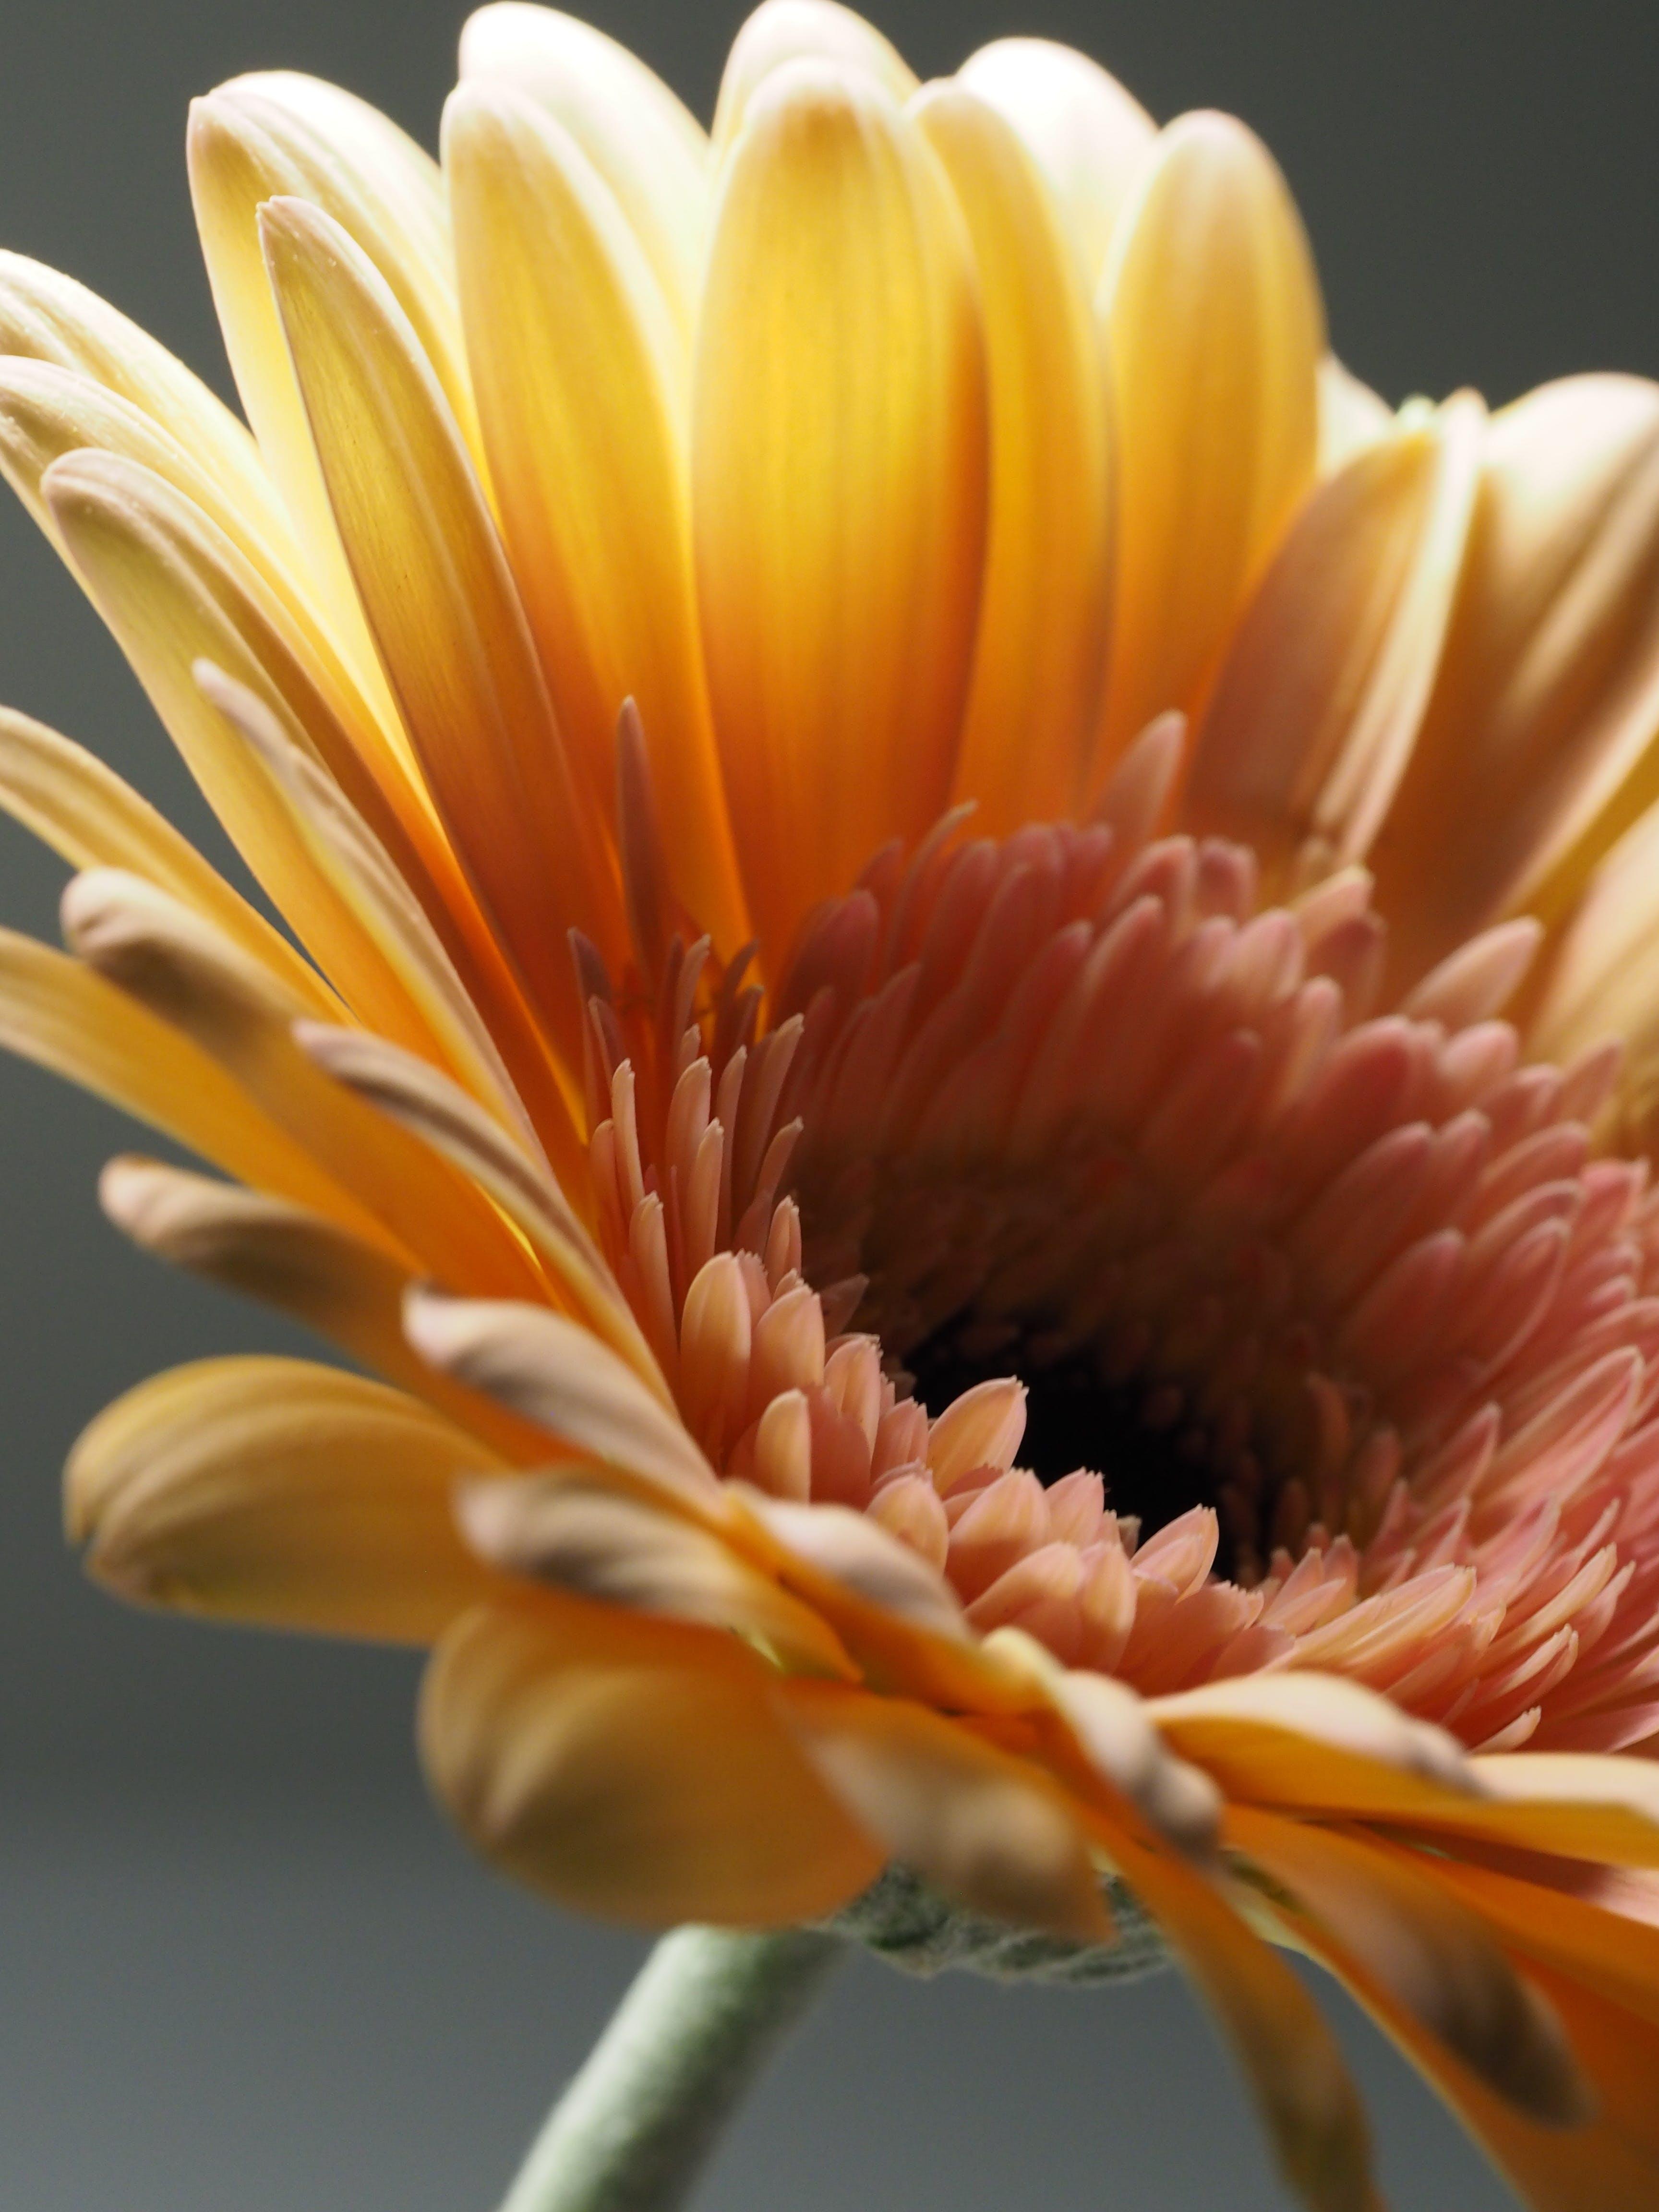 Kostnadsfri bild av blomma, blomning, daisy, delikat